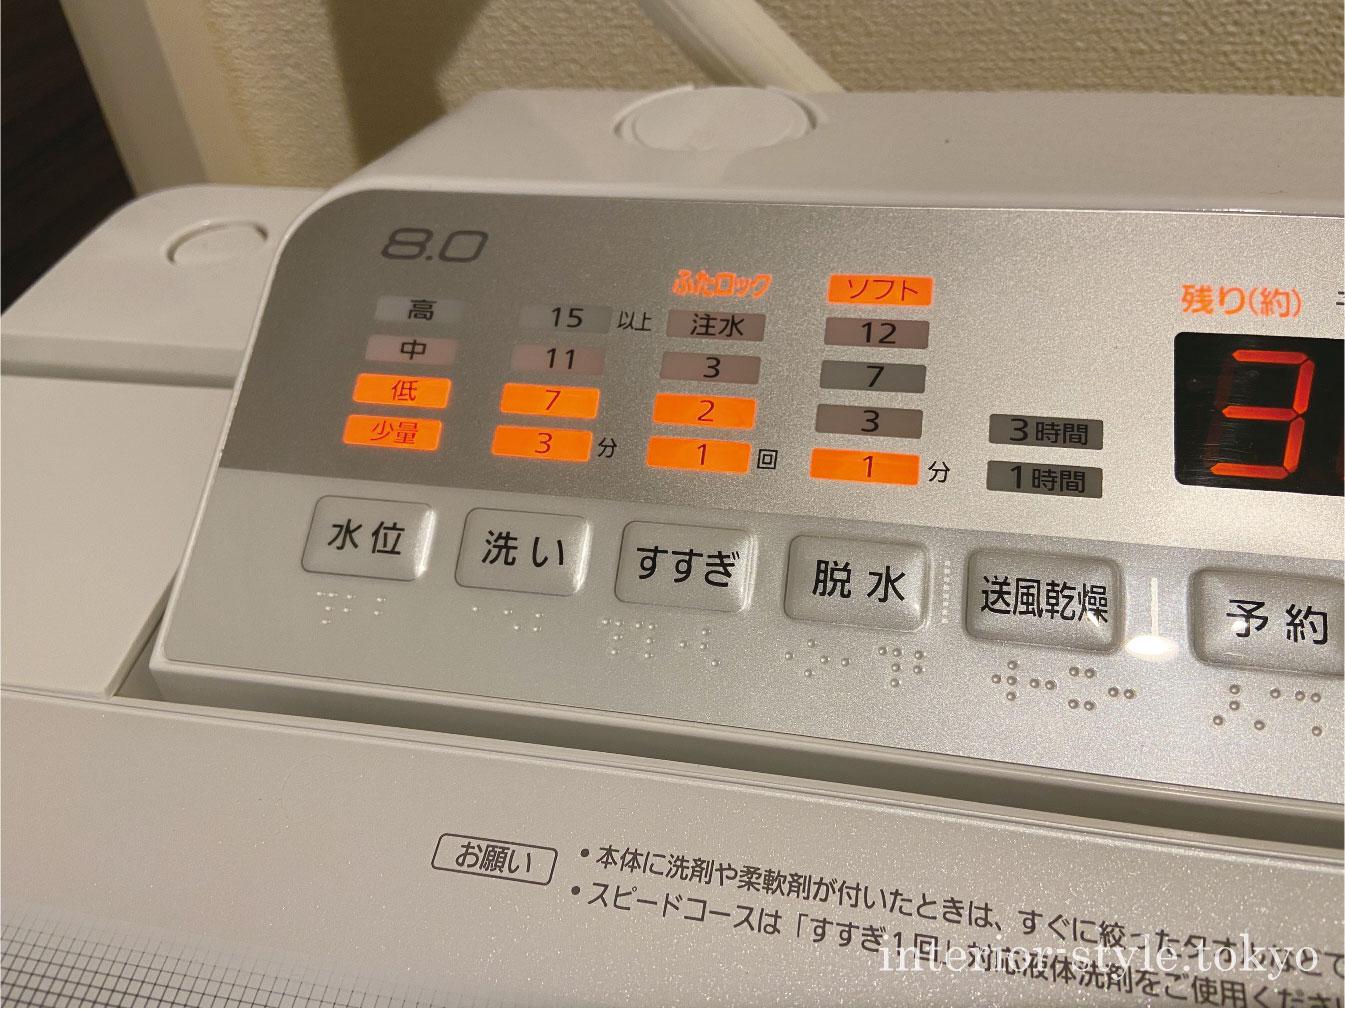 洗濯機で選択中のカーテンの脱水時間